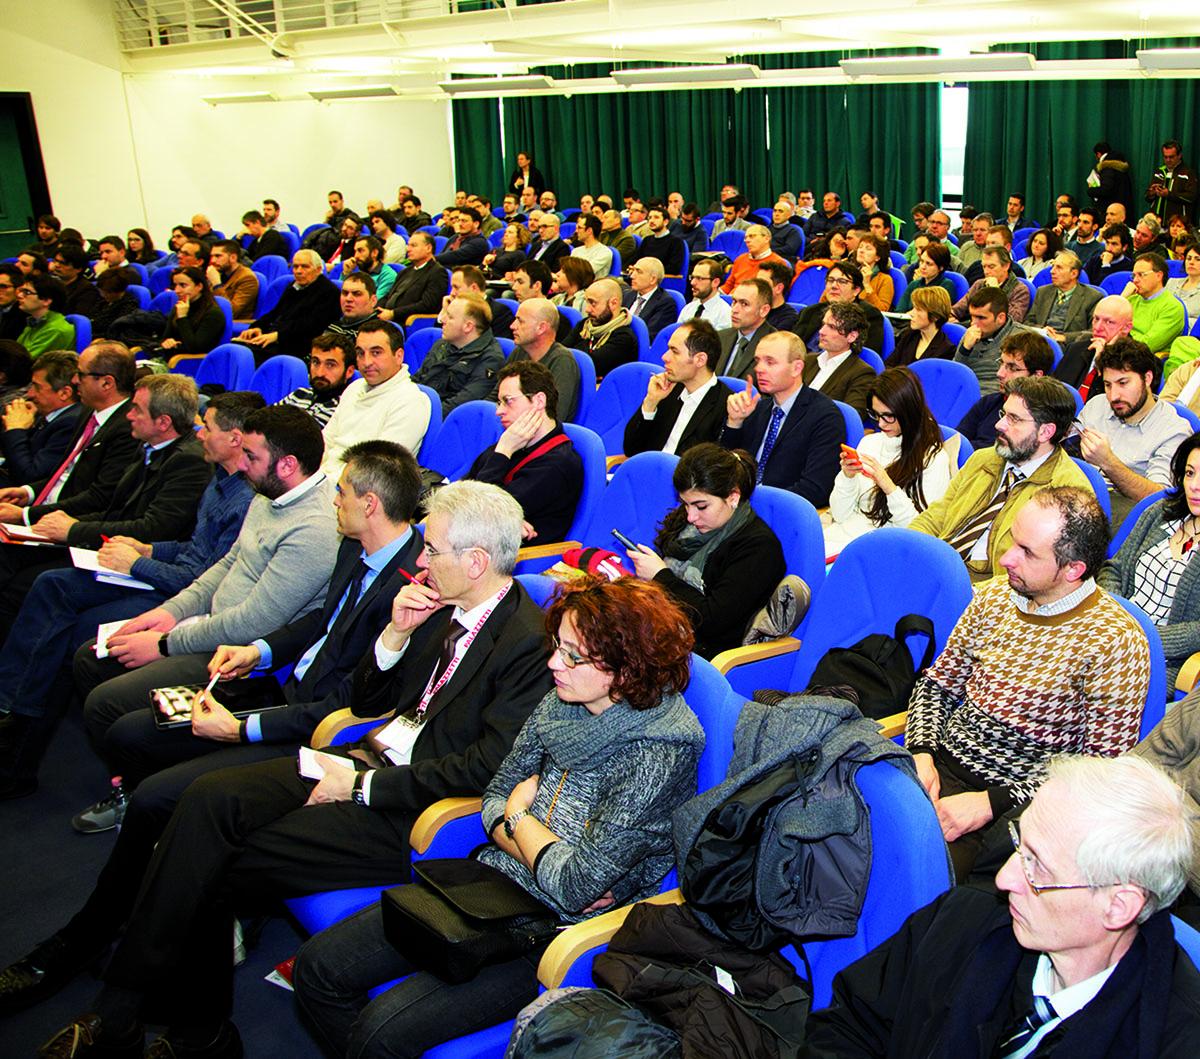 Una sala gremita di pubblico alla fiera Progetto Fuoco